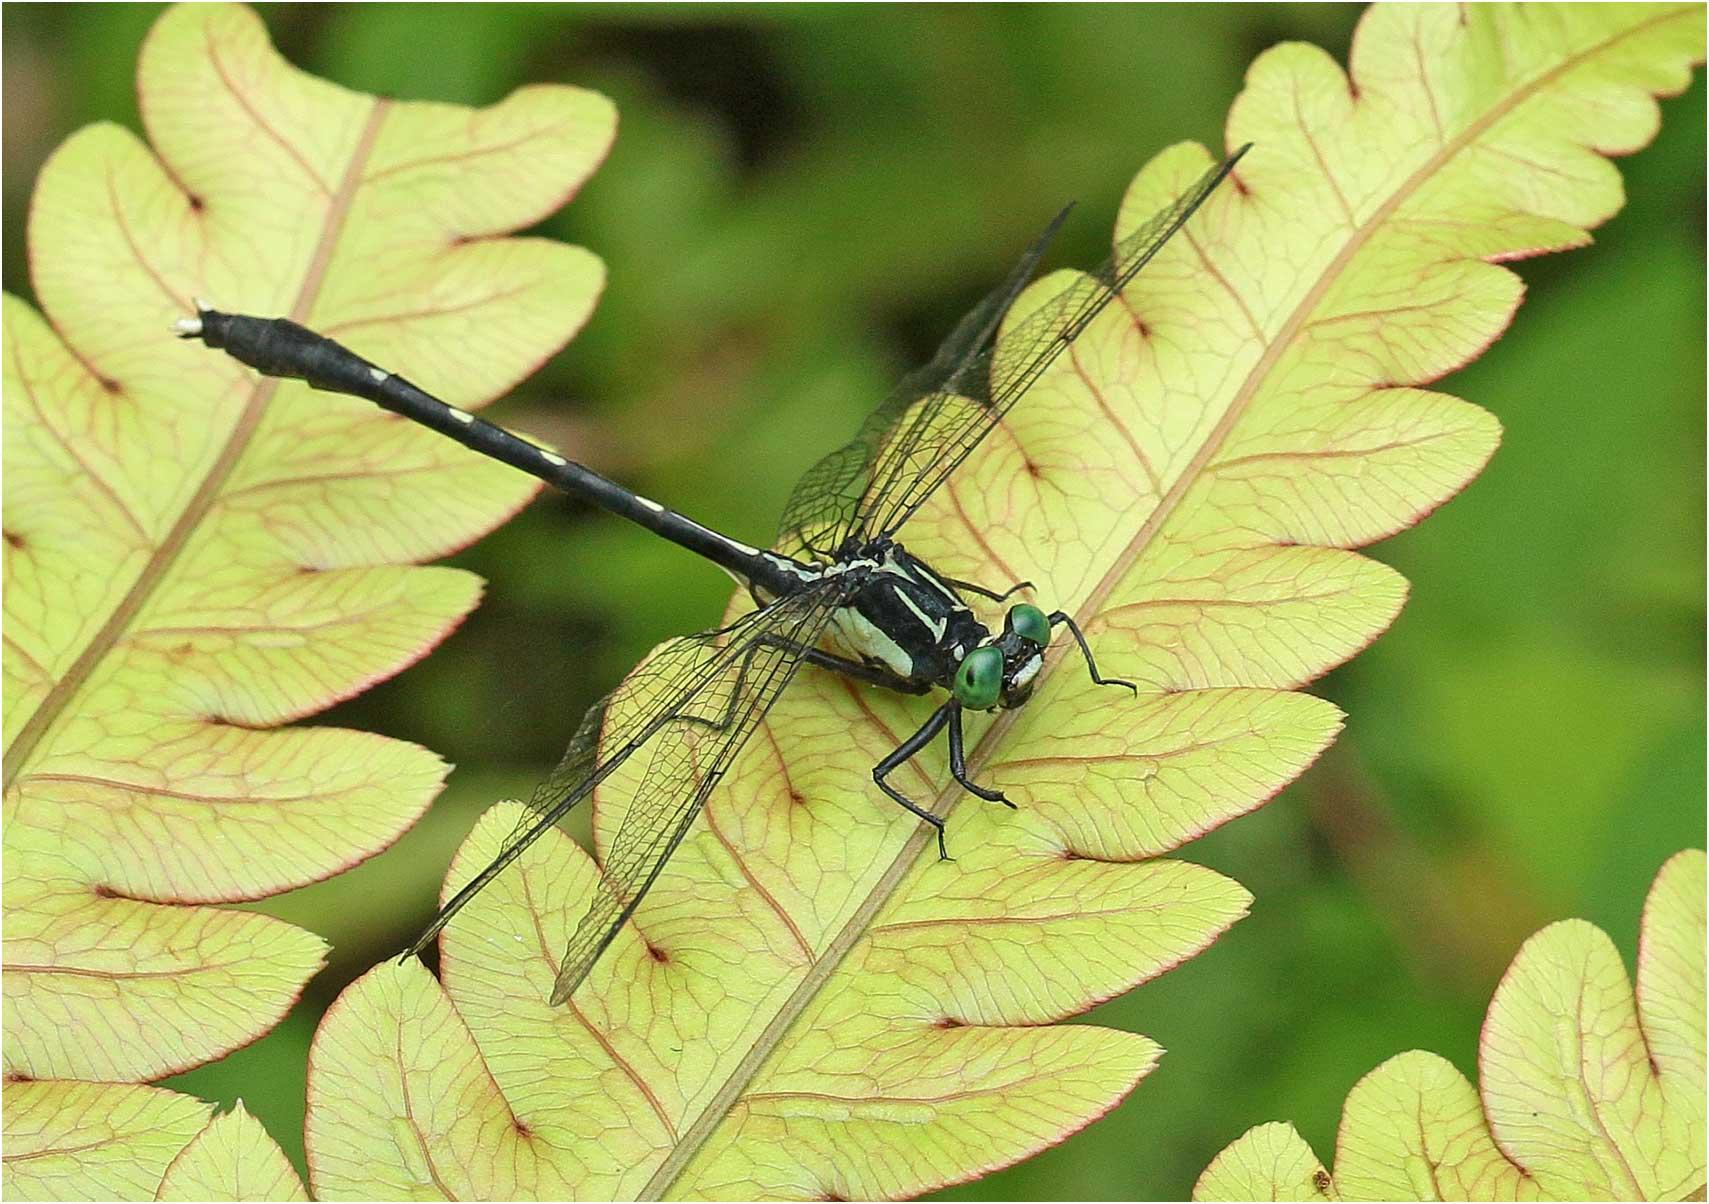 Trigomphus carus, Vietnam, Pia Oac, 5 juin 2018